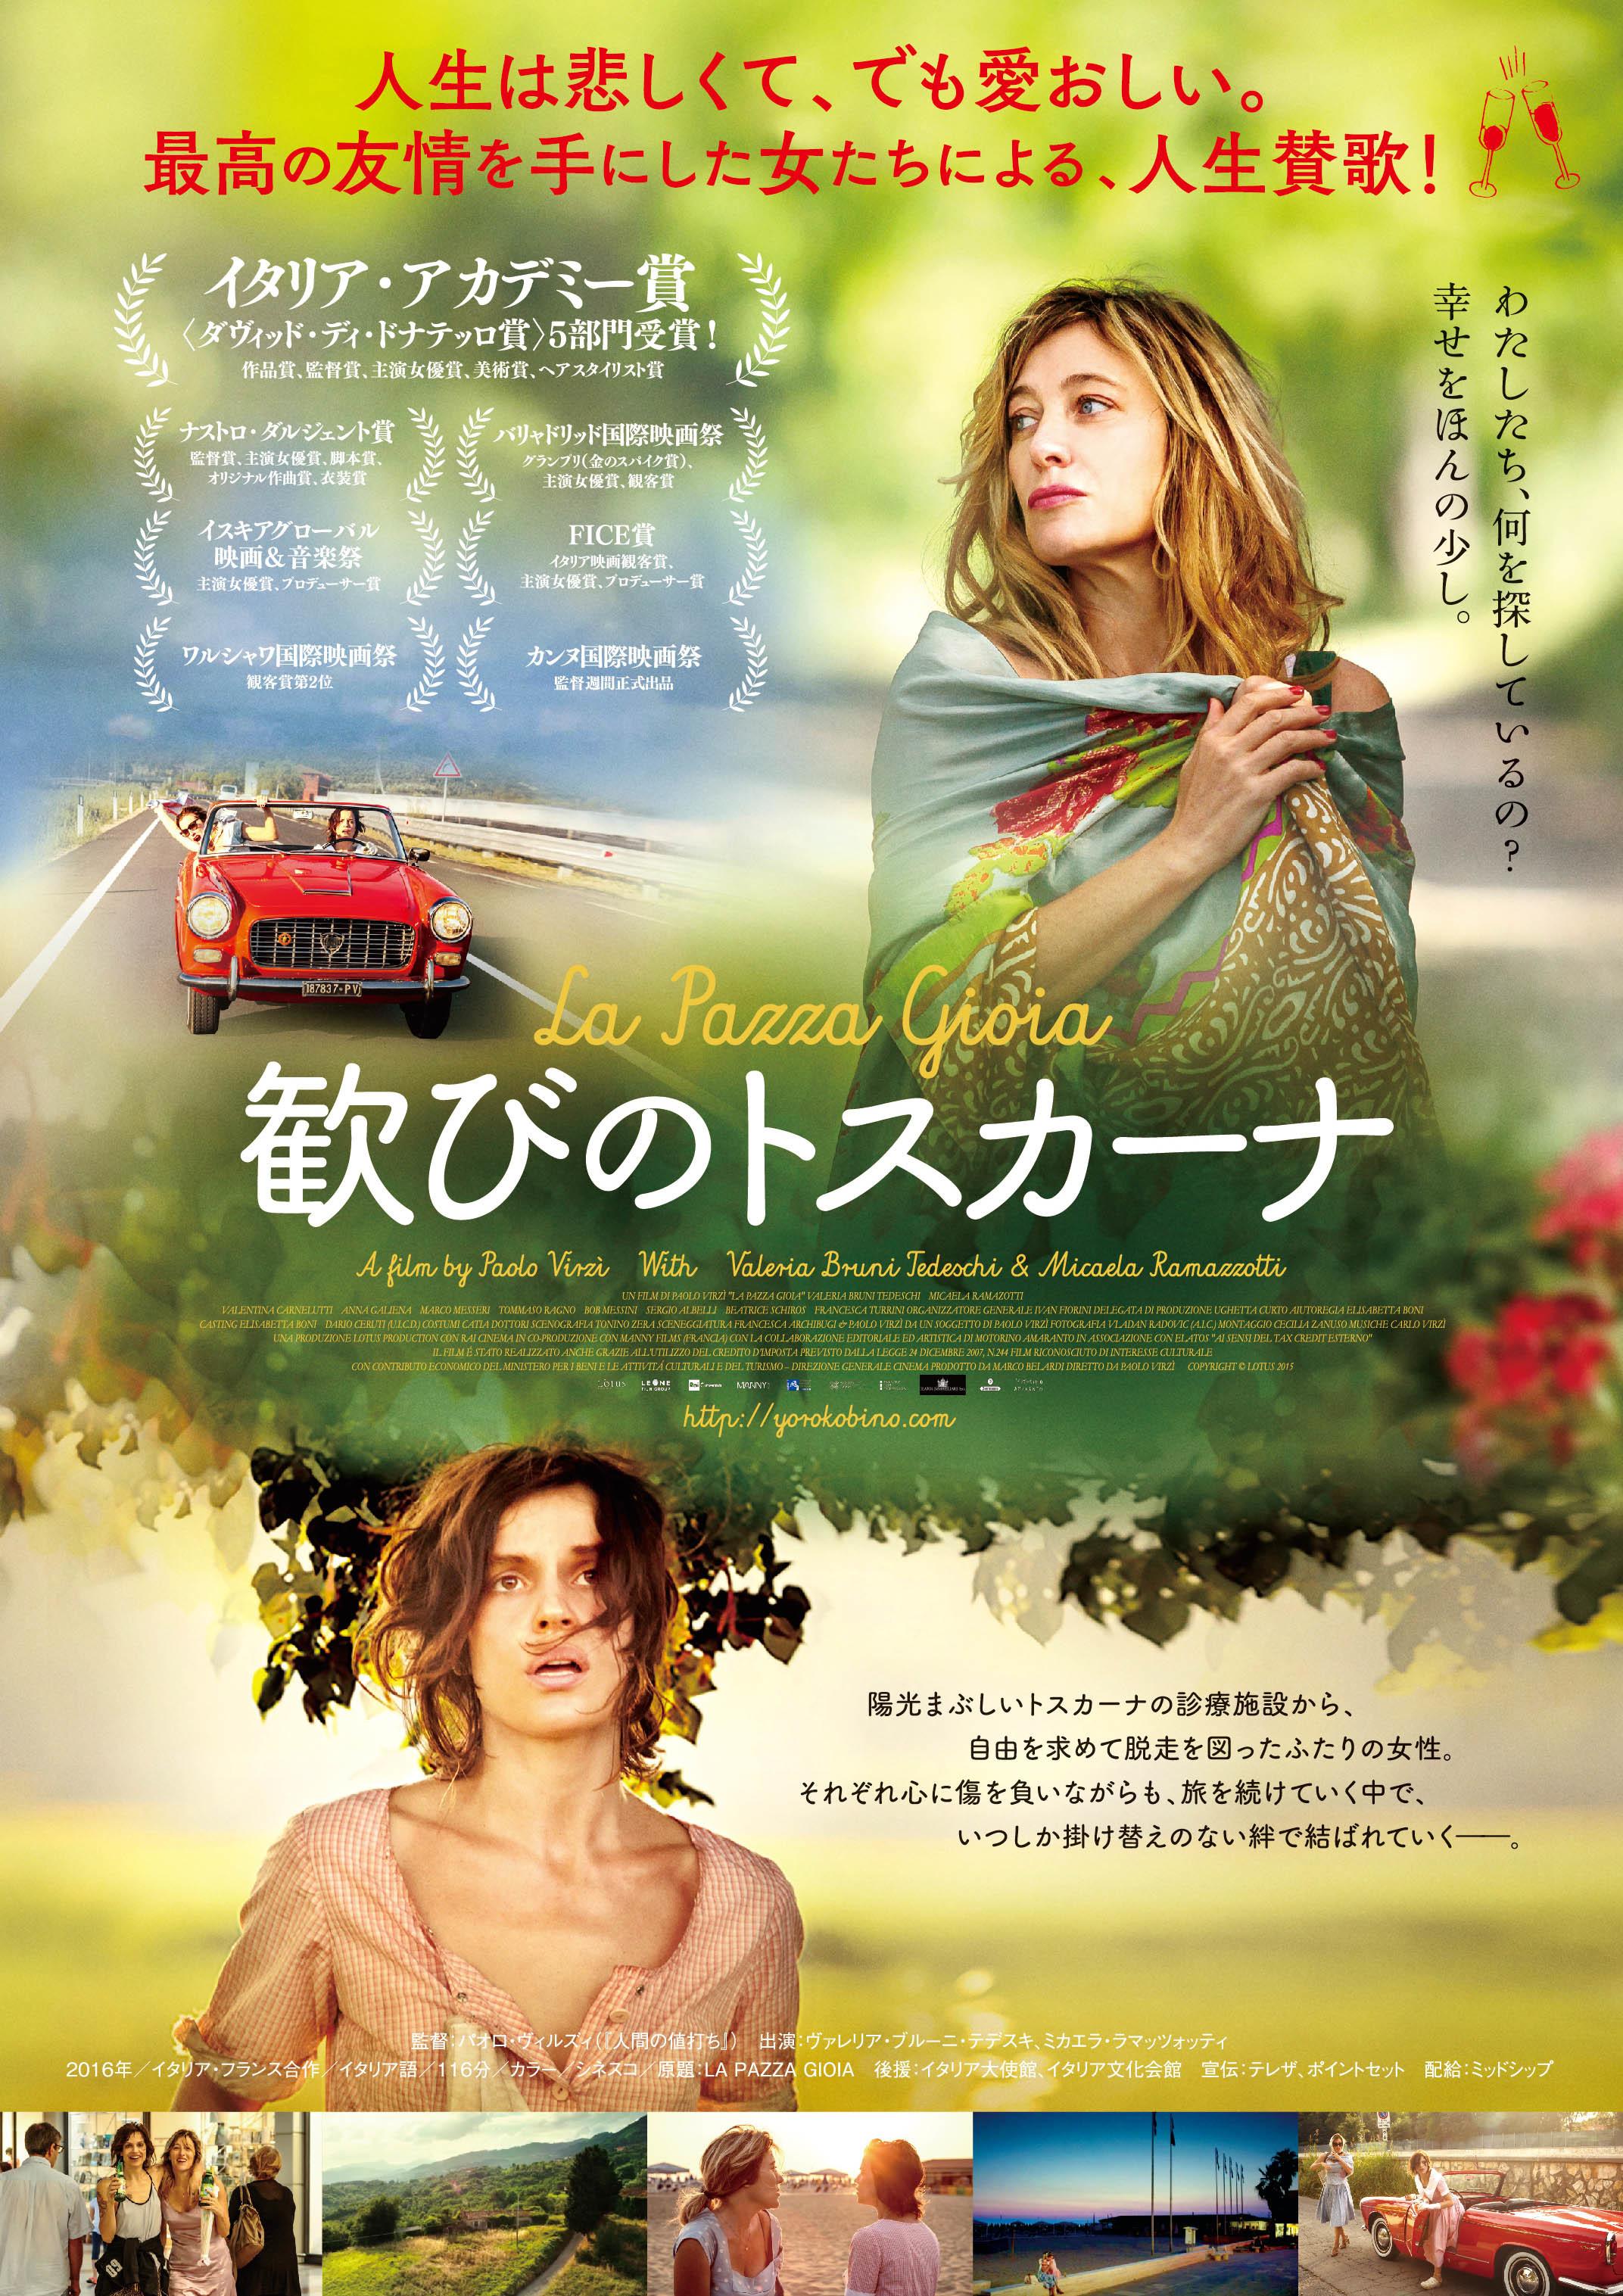 今週末7月8日公開 イタリア映画【歓びのトスカーナ】_1_4-1